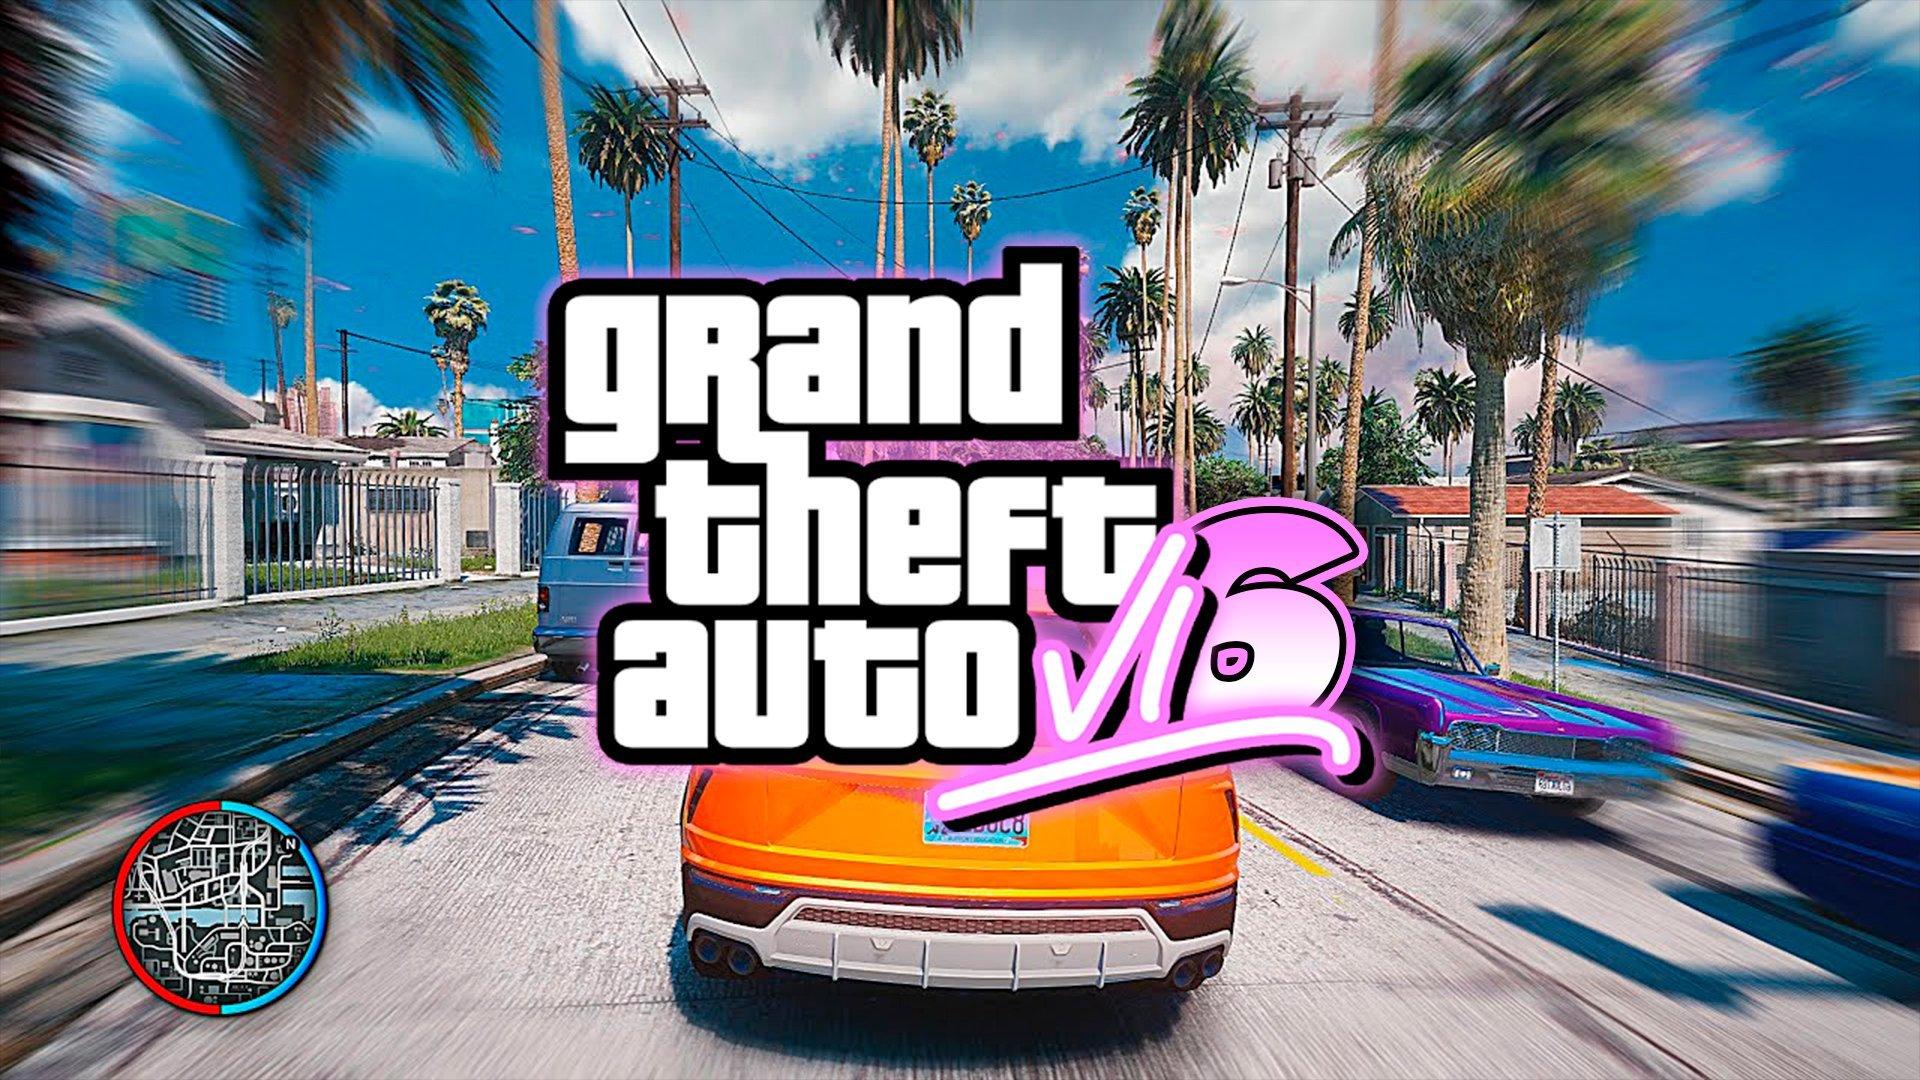 Grand Theft Auto VI ou GTA 6 é um dos jogos mais falados da atualidade, e deve estar sendo desenvolvido a todo o vapor na Rockstar Games.